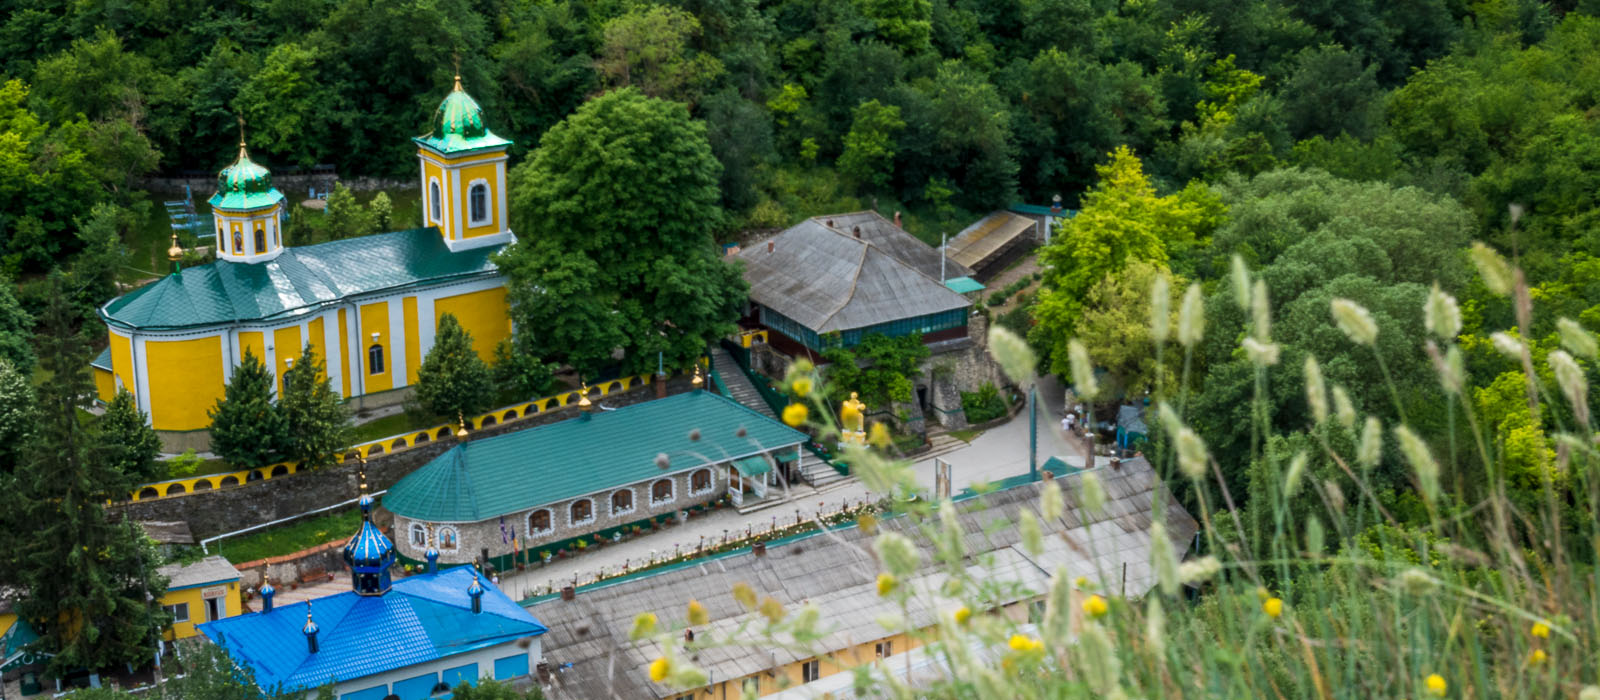 Dlaczego warto pojechać do Mołdawii? 15 powodów